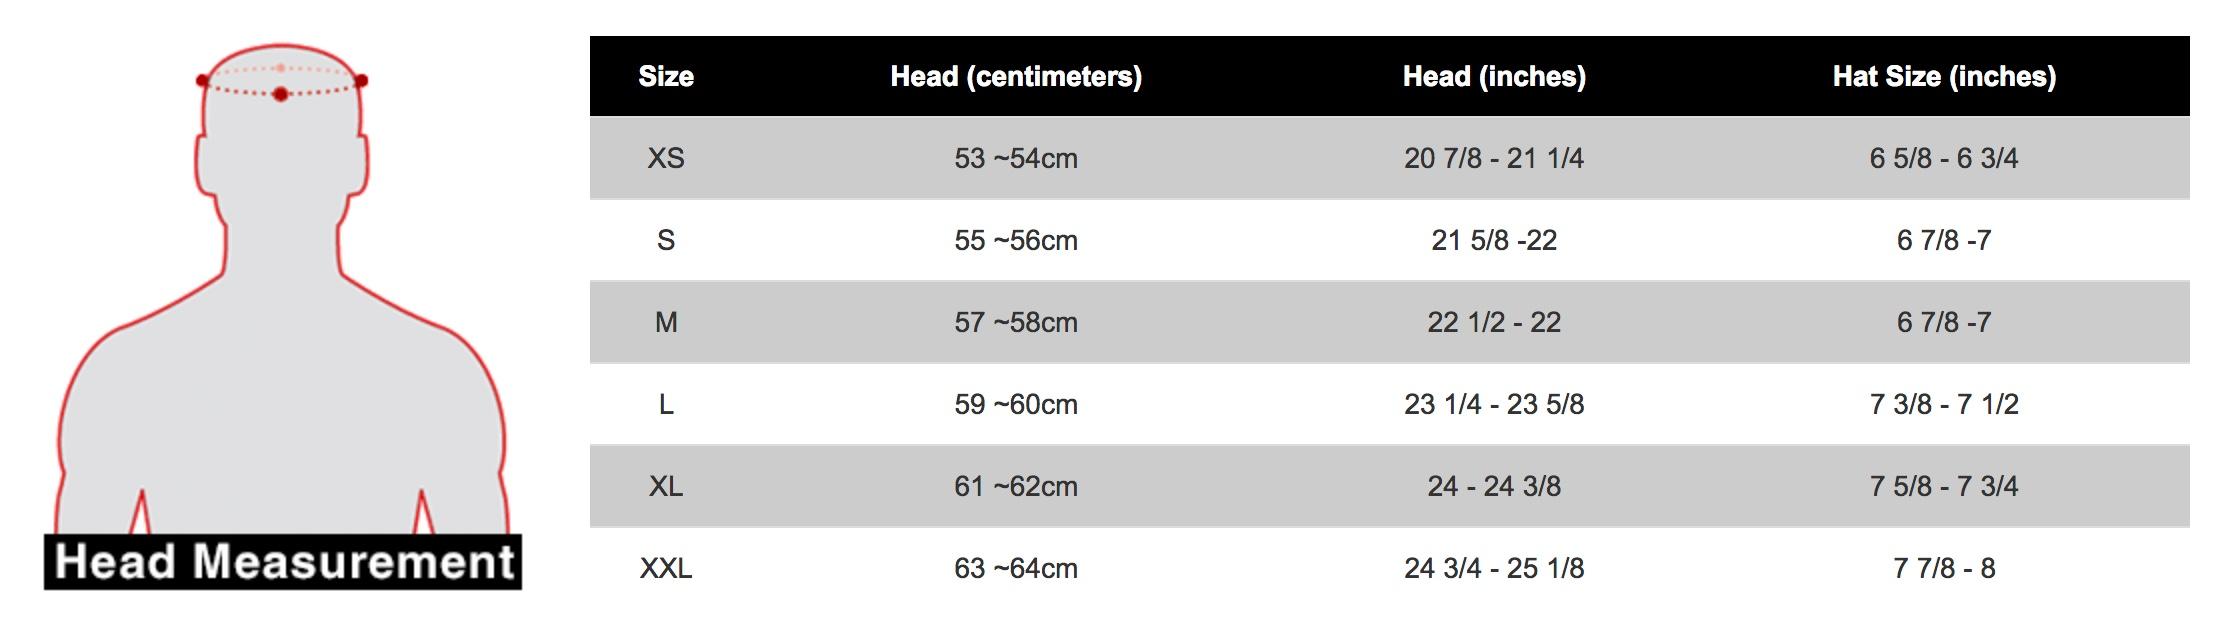 sena-momentum-size-chart.jpeg